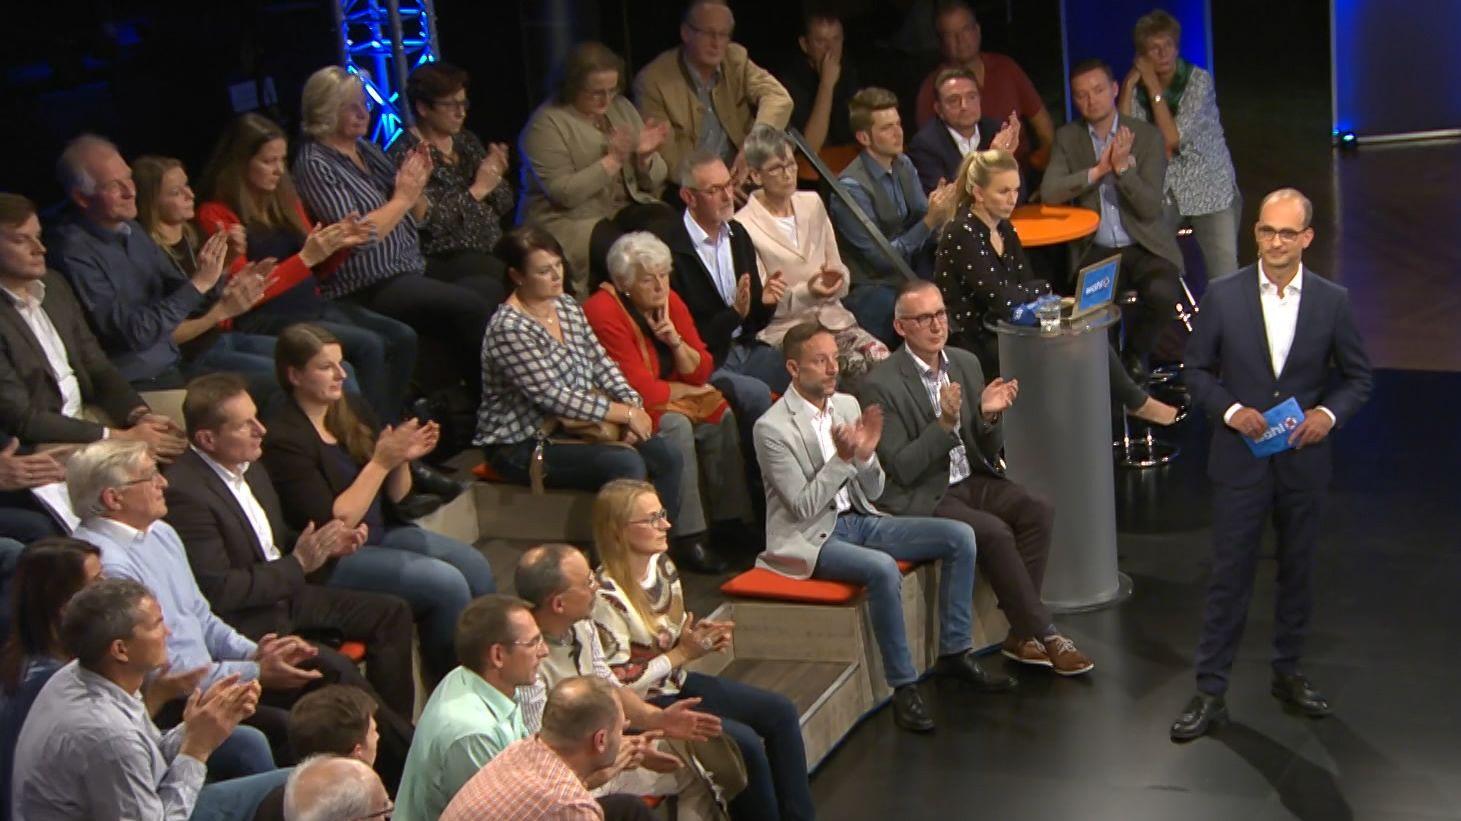 BR-Chefredakteur Christian Nitsche moderiert die BR Wahlarena am Abend in Passau.